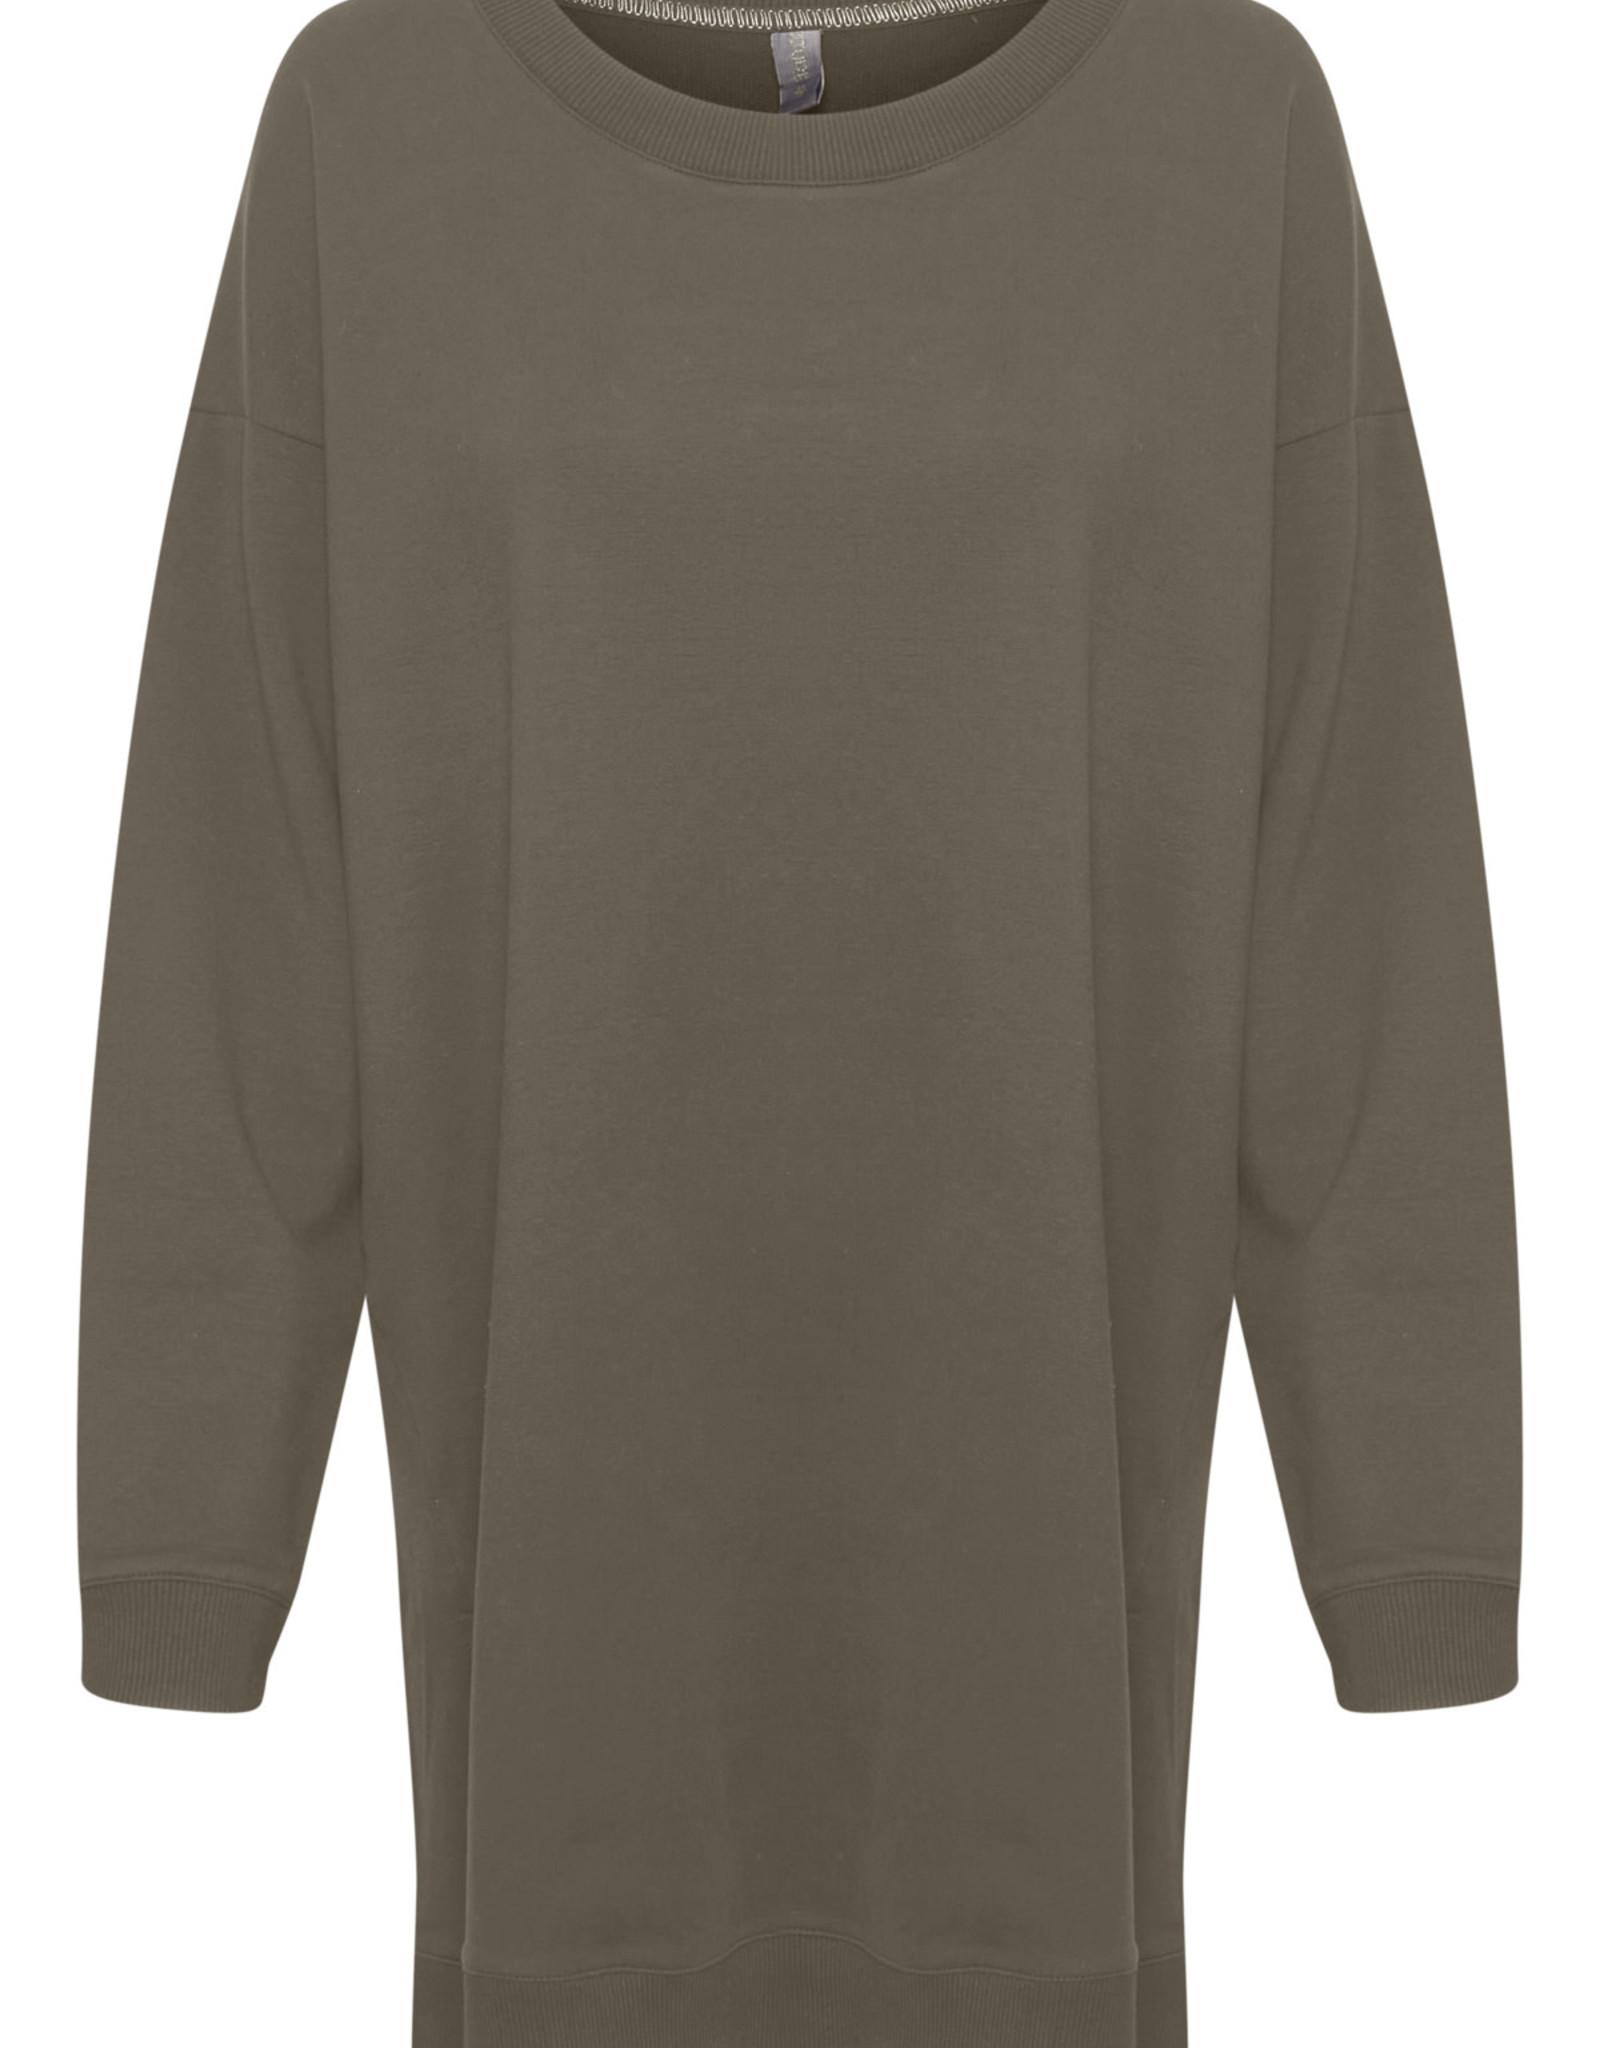 Culture Culture - CUmonty Sweatshirt